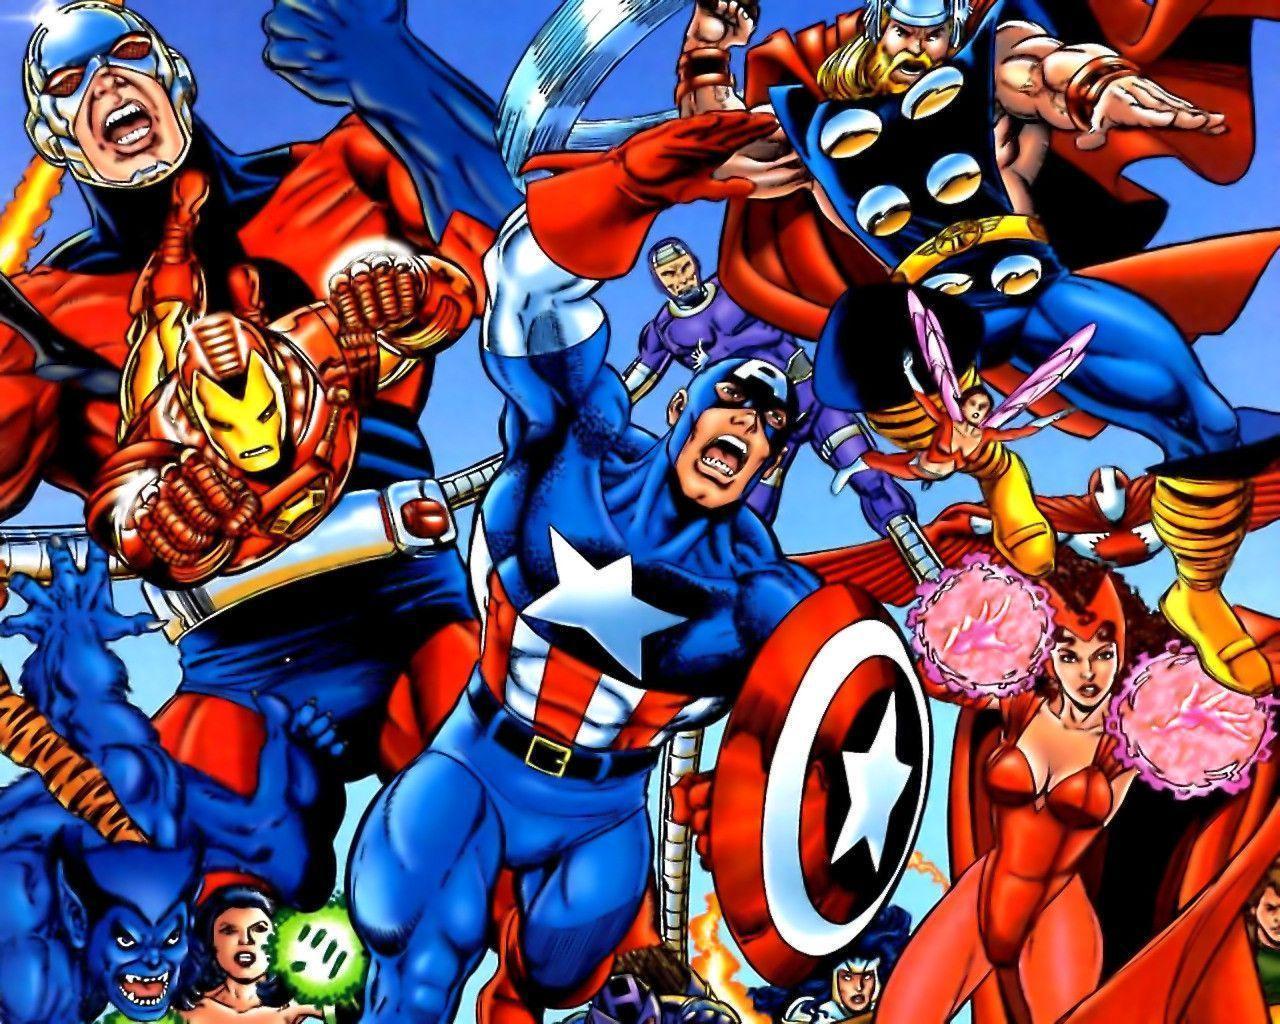 Best 49 The Avengers Wallpaper On Hipwallpaper: Free Marvel Wallpapers